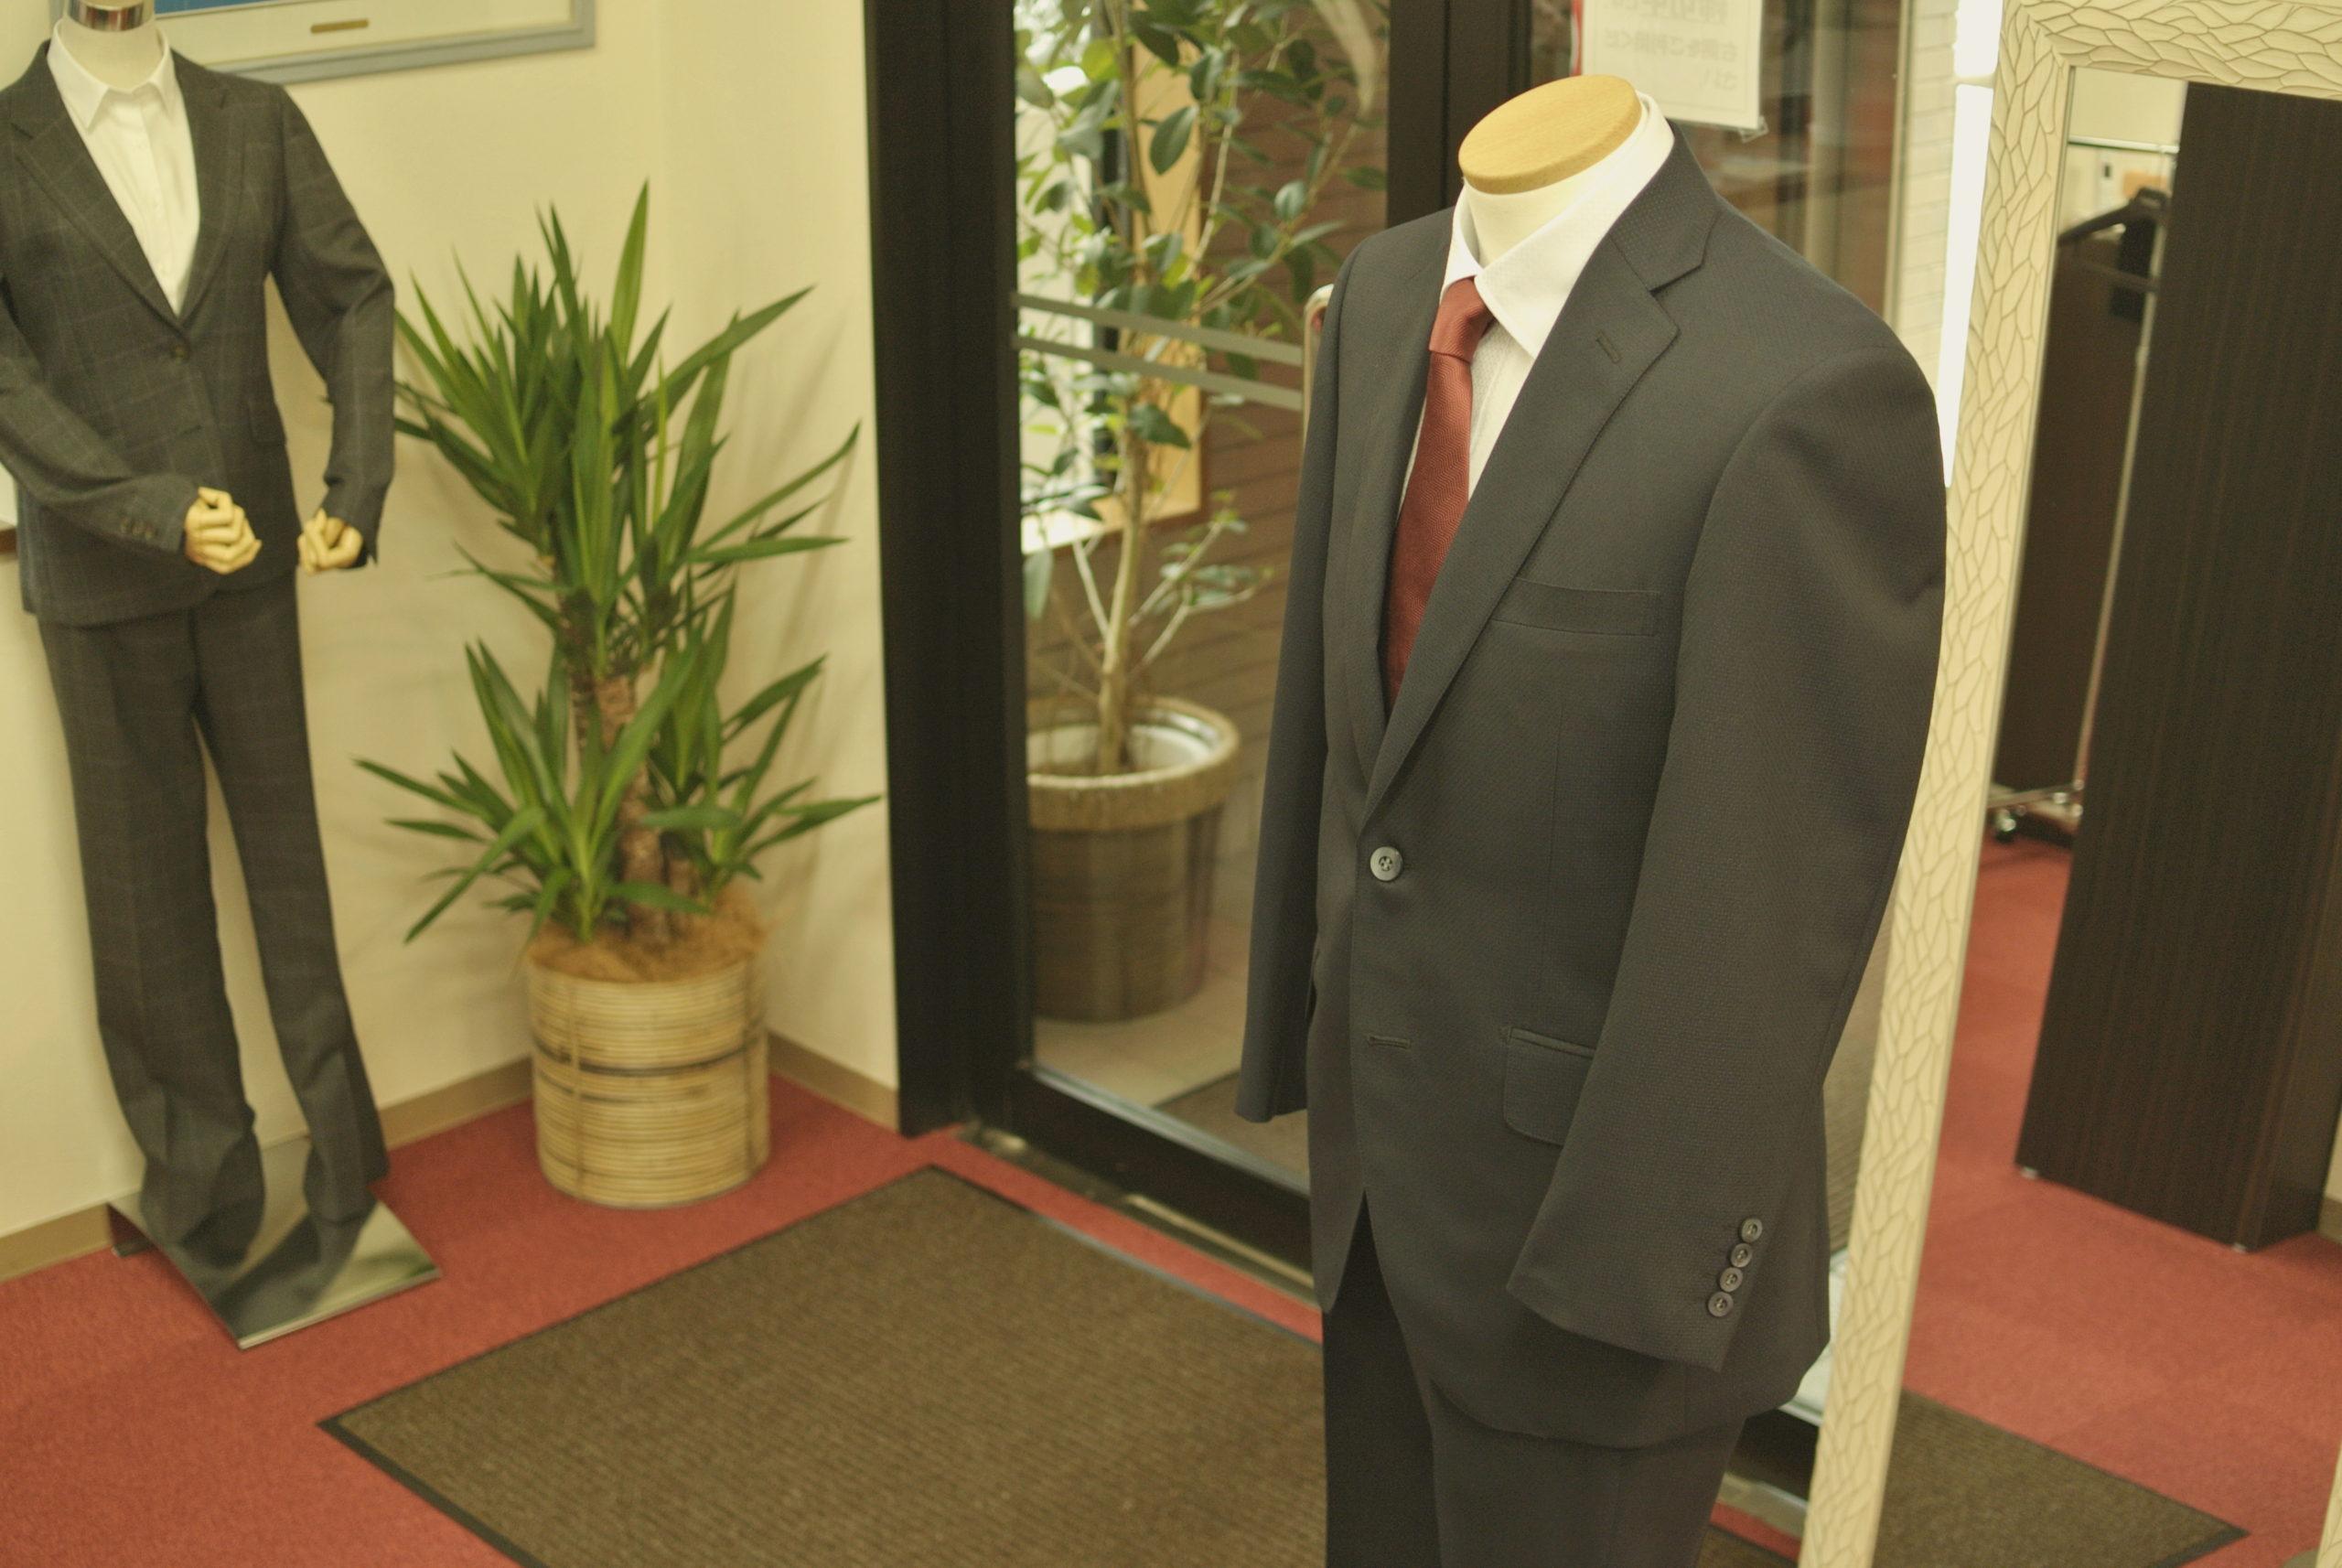 雨濡れのスーツ(ジャケット・パンツ)は ご購入時のハンガーにかけて、自然乾燥を オーダースーツ アスターの国産生地でお仕立て